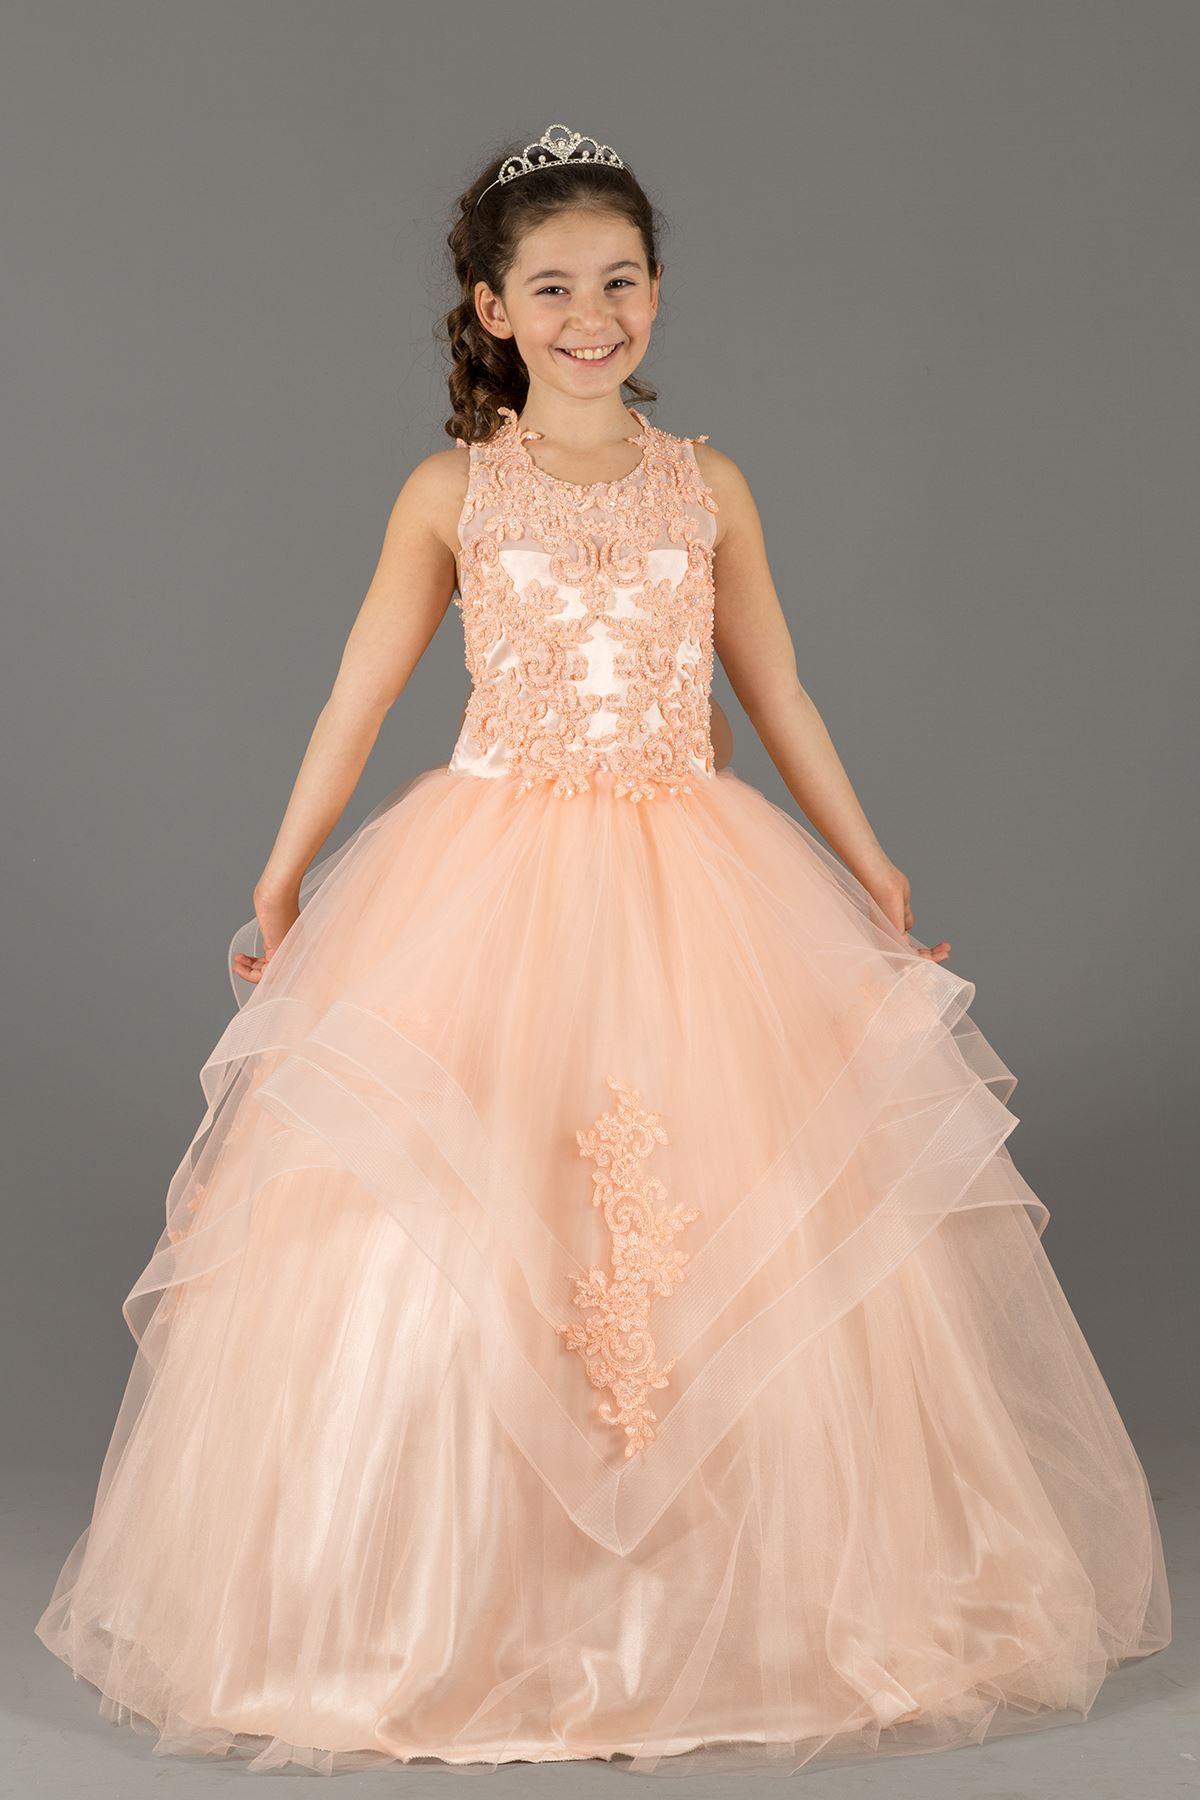 Βραδινό φόρεμα αφράτου κοριτσιού με λεπτομέρειες στρωματοειδούς φούστας και κεντημένες Εφαρμογές 578 σολομός